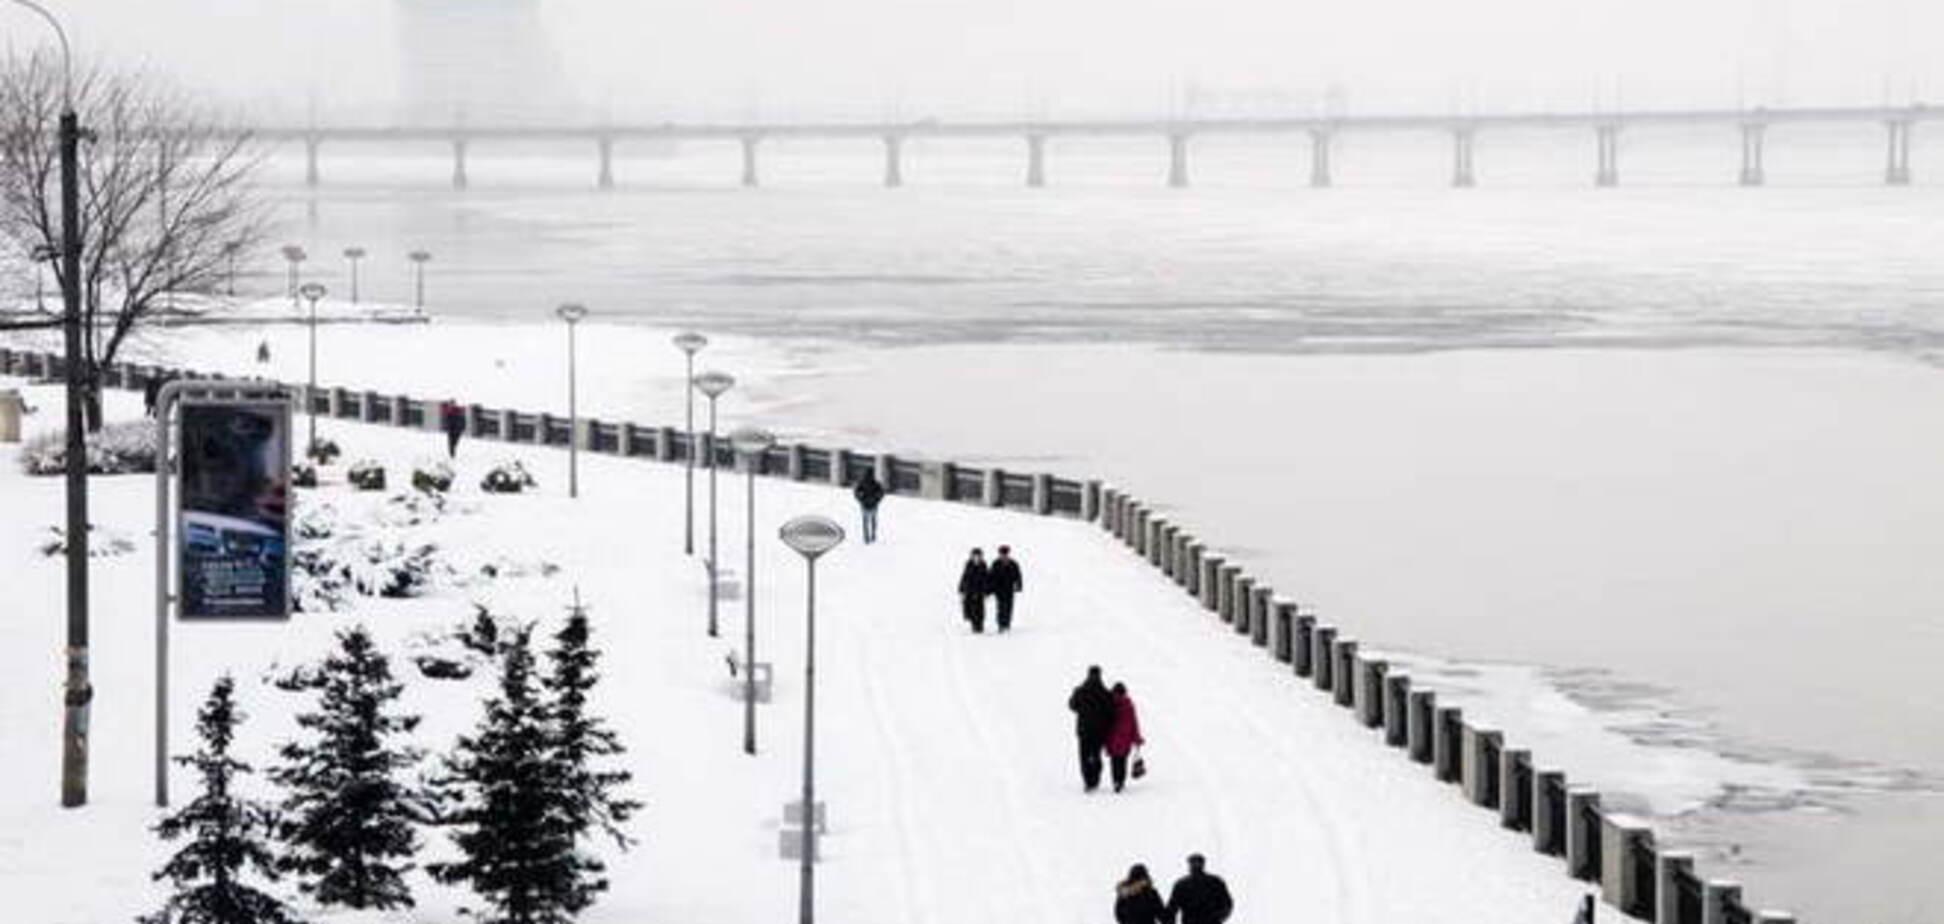 Днепропетровская область переходит на спецрежим безопасности